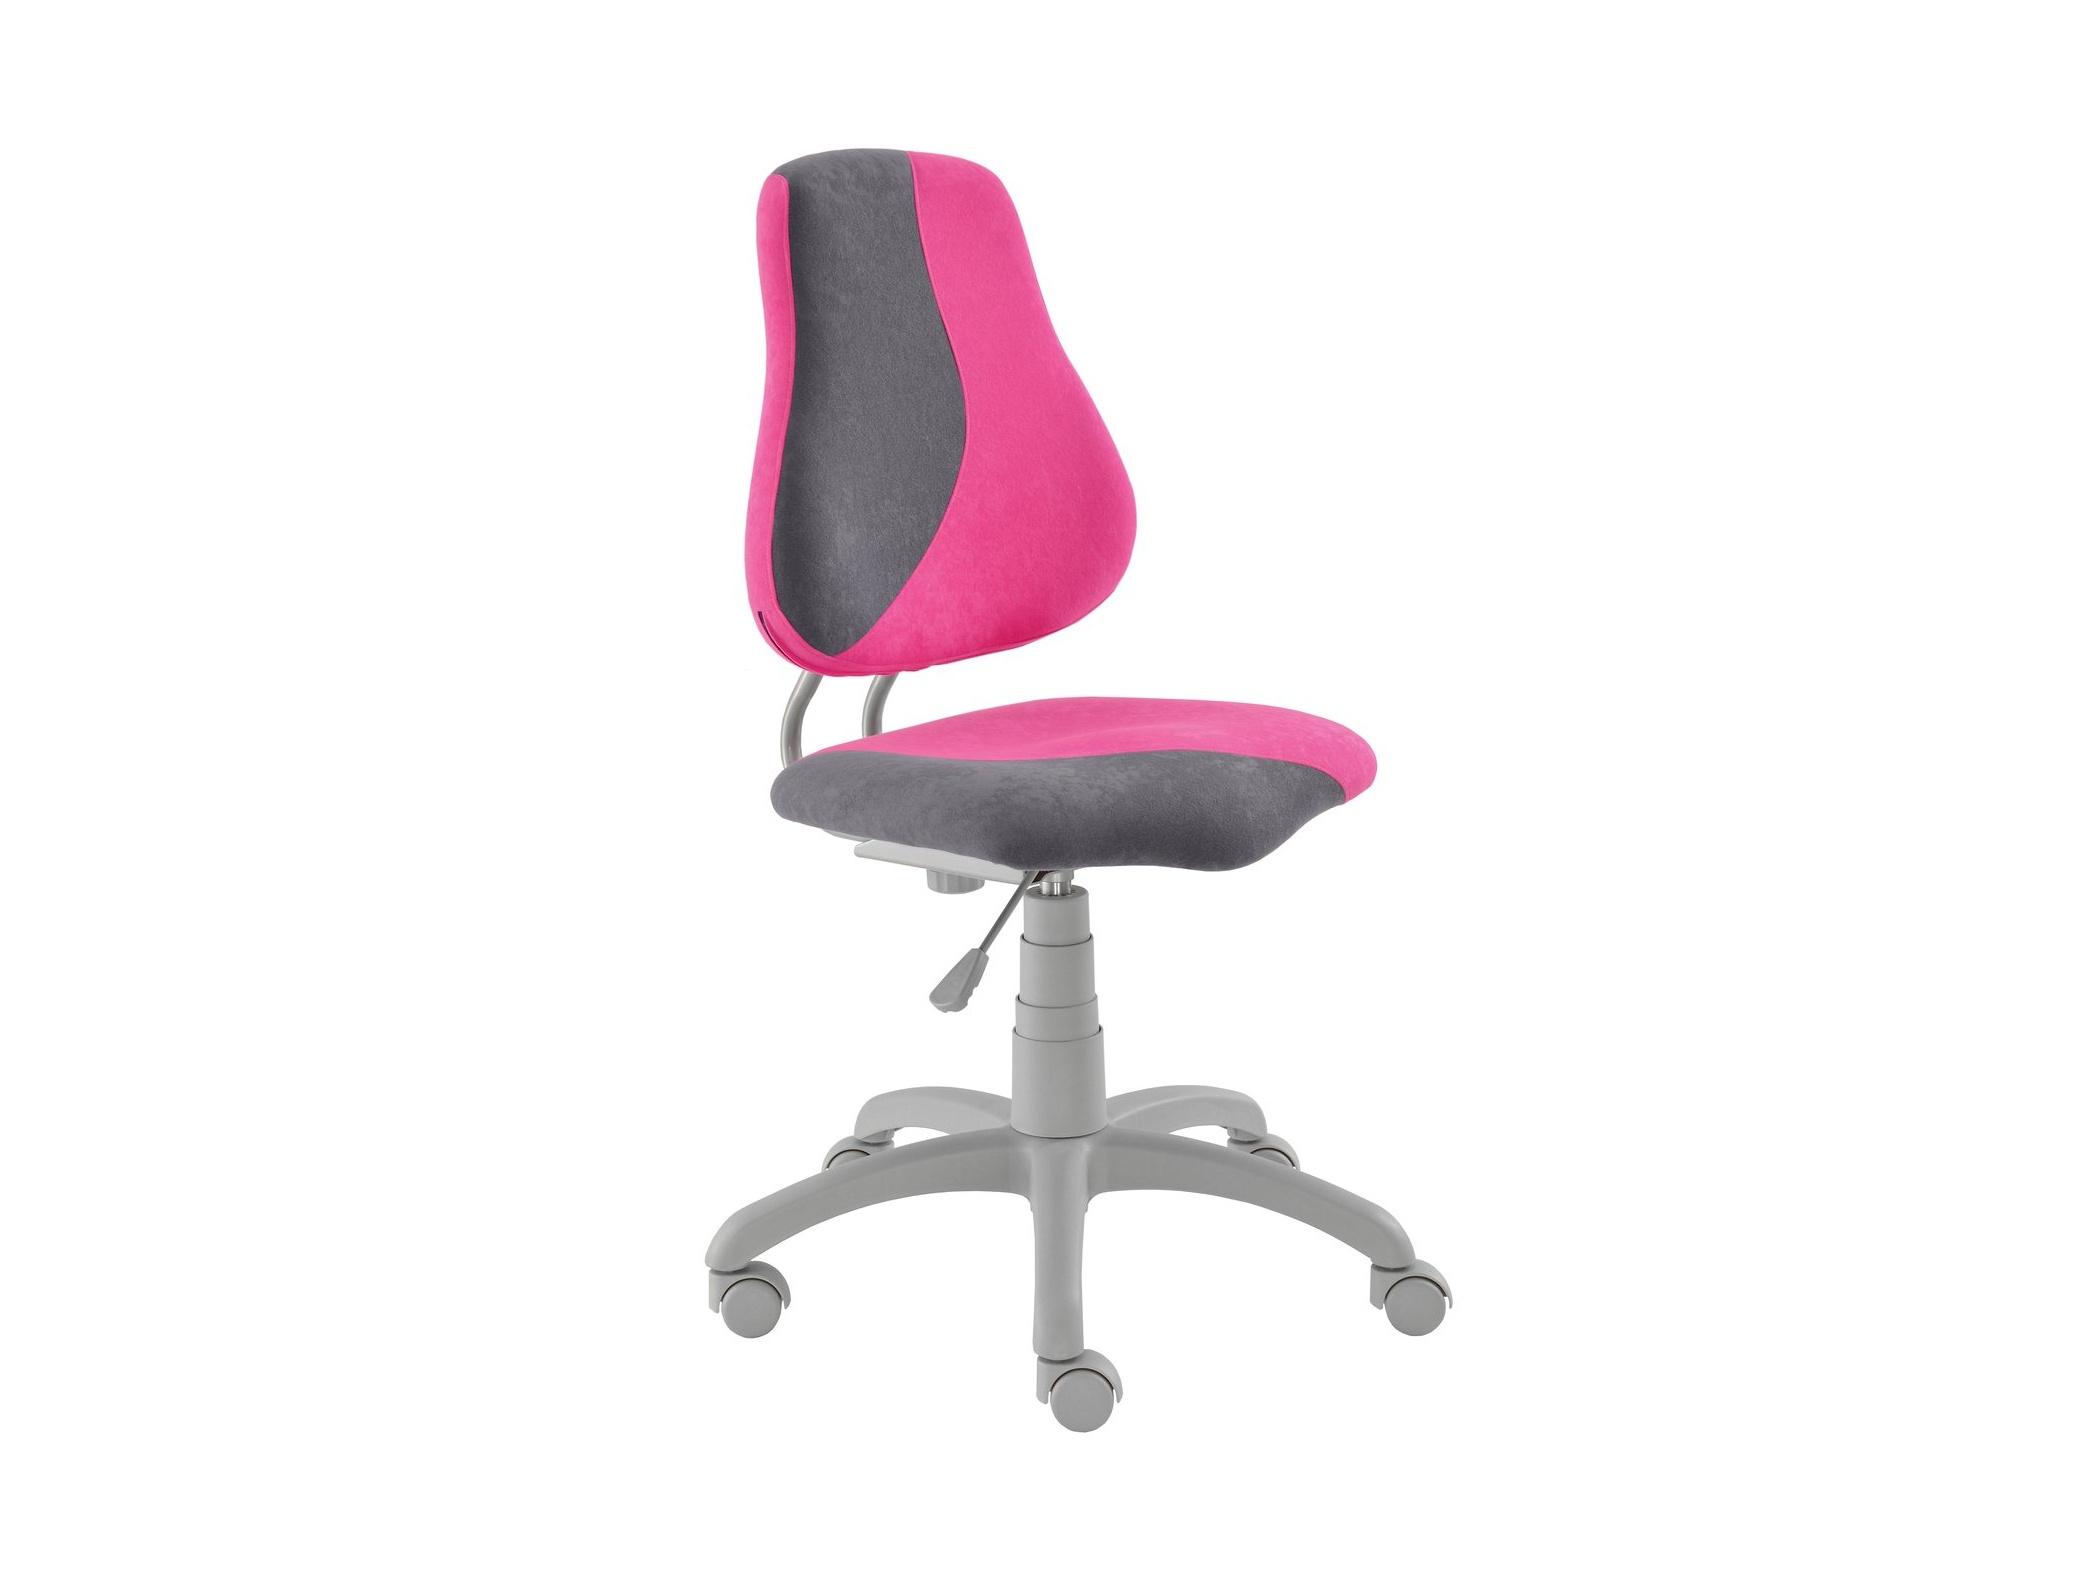 Dětská židle FUXO S, růžová/šedá